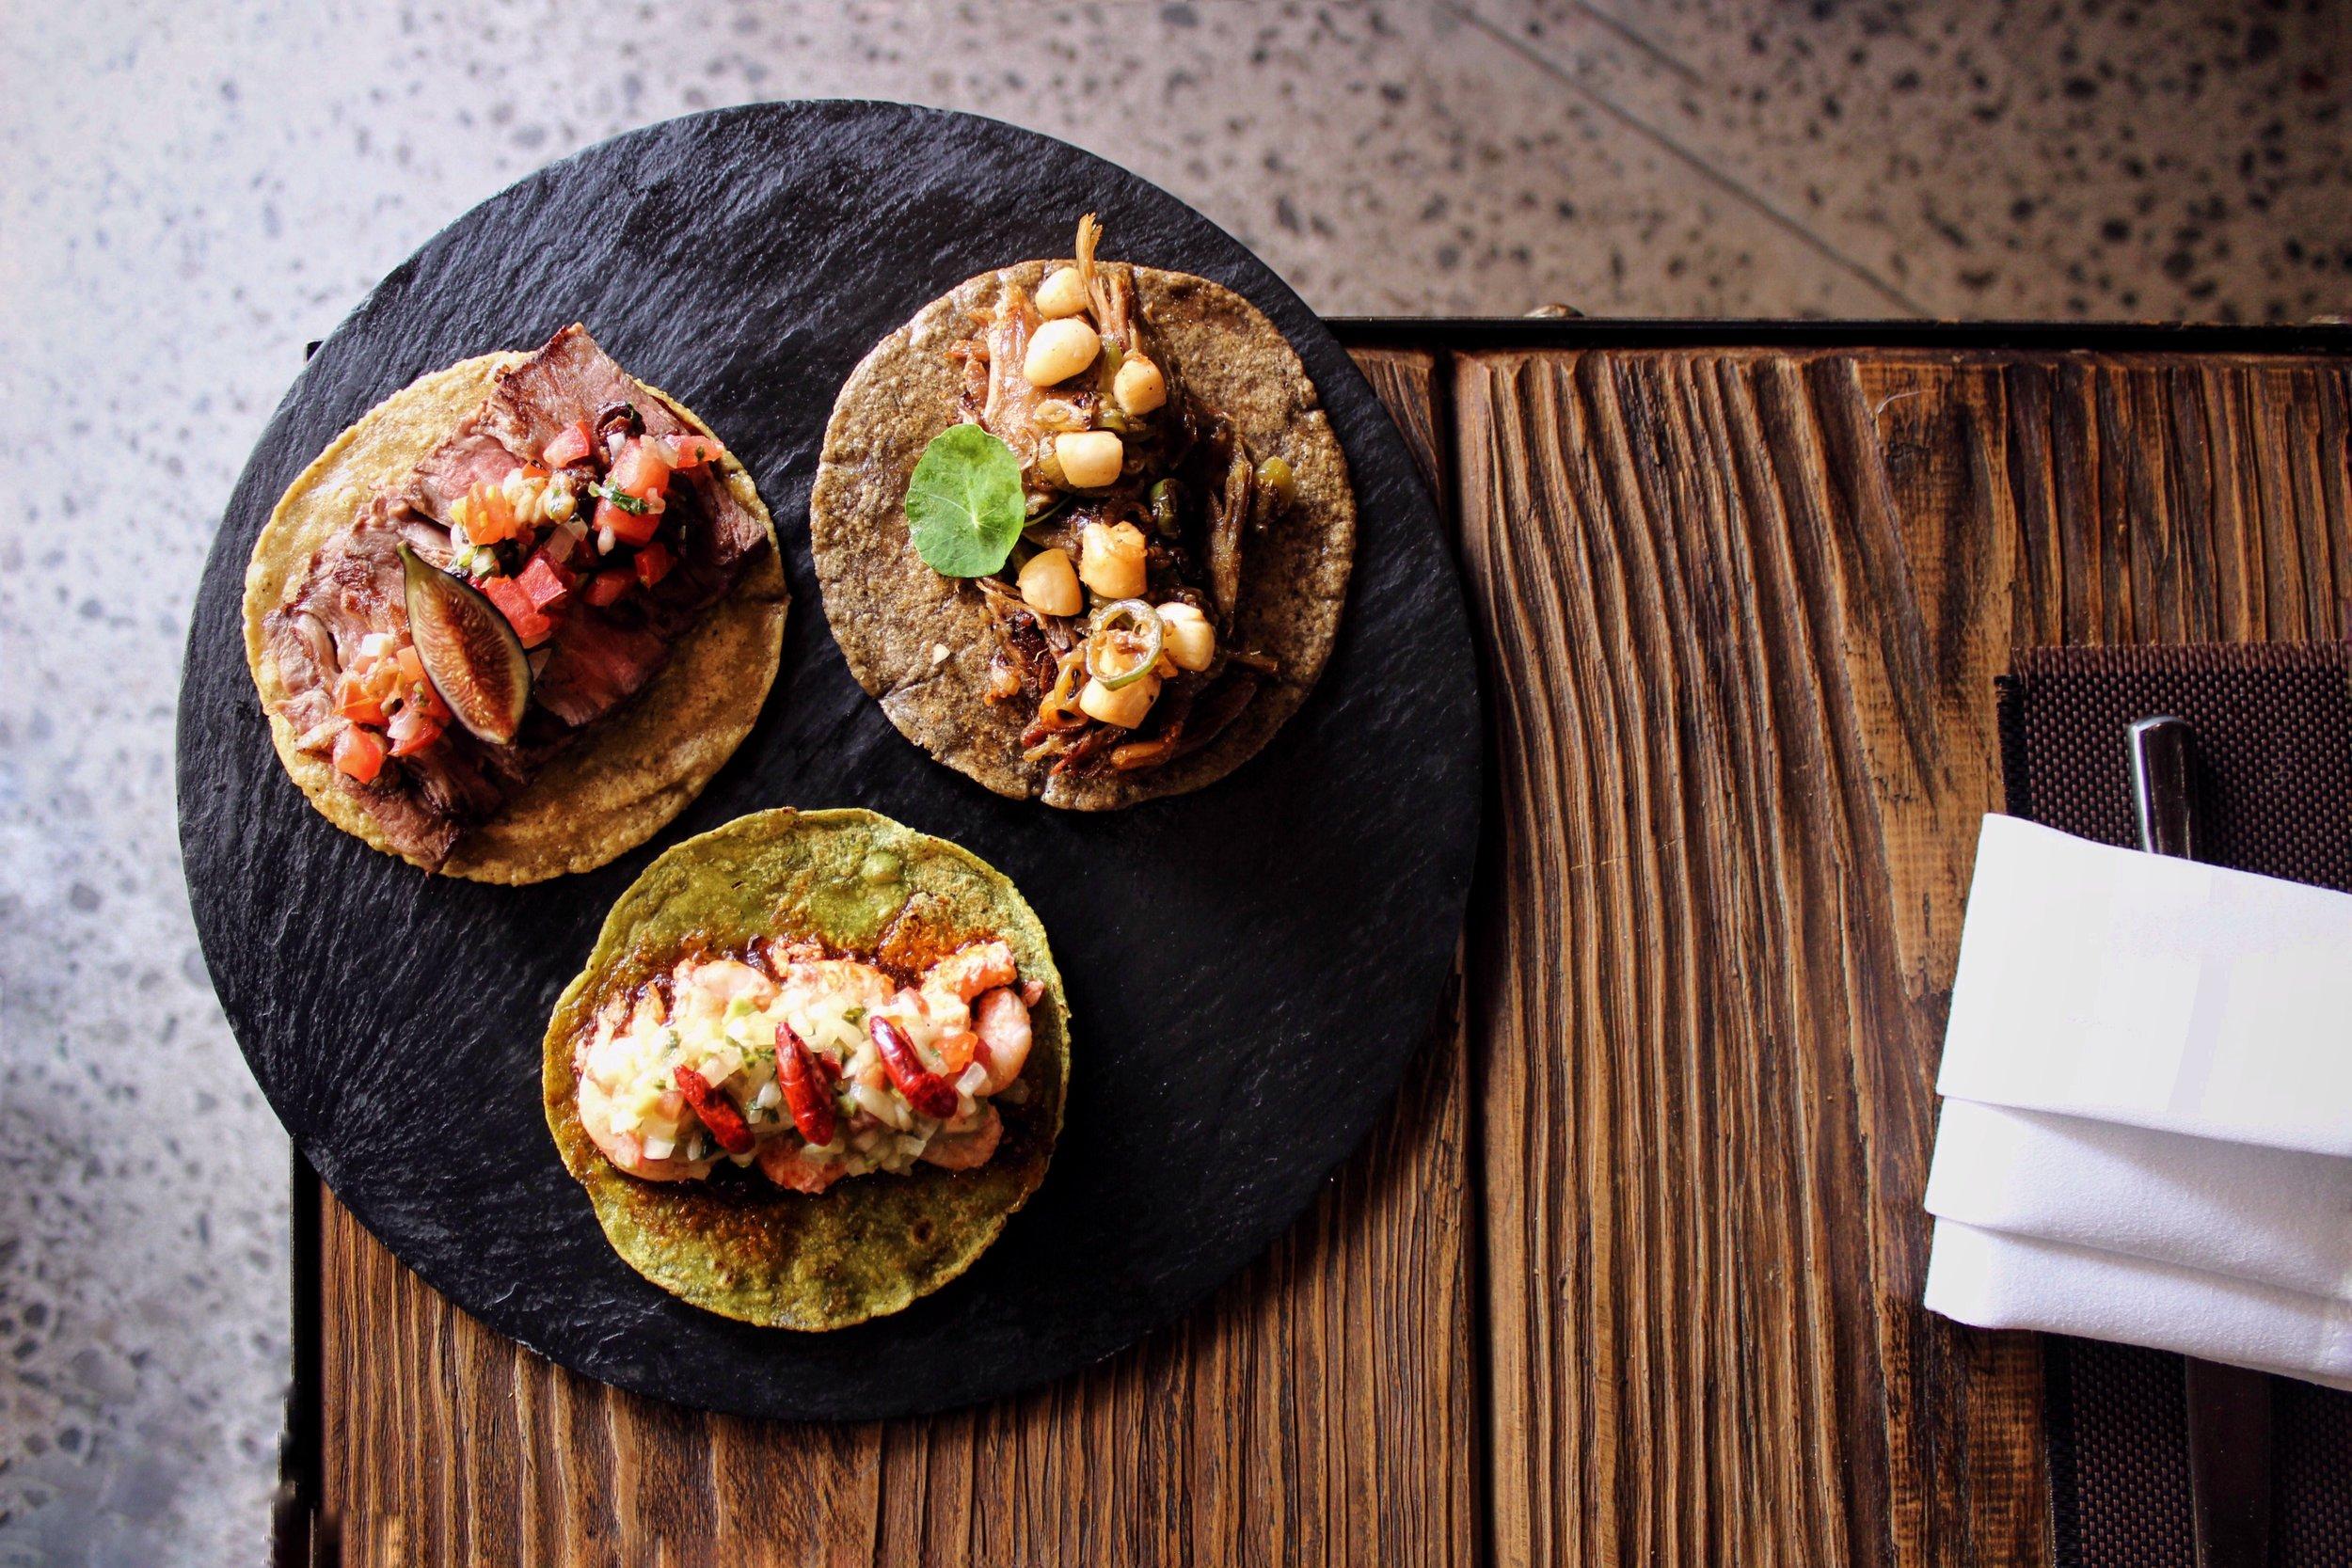 limosneros_tacos_photo_Juan_de_Dios.jpg